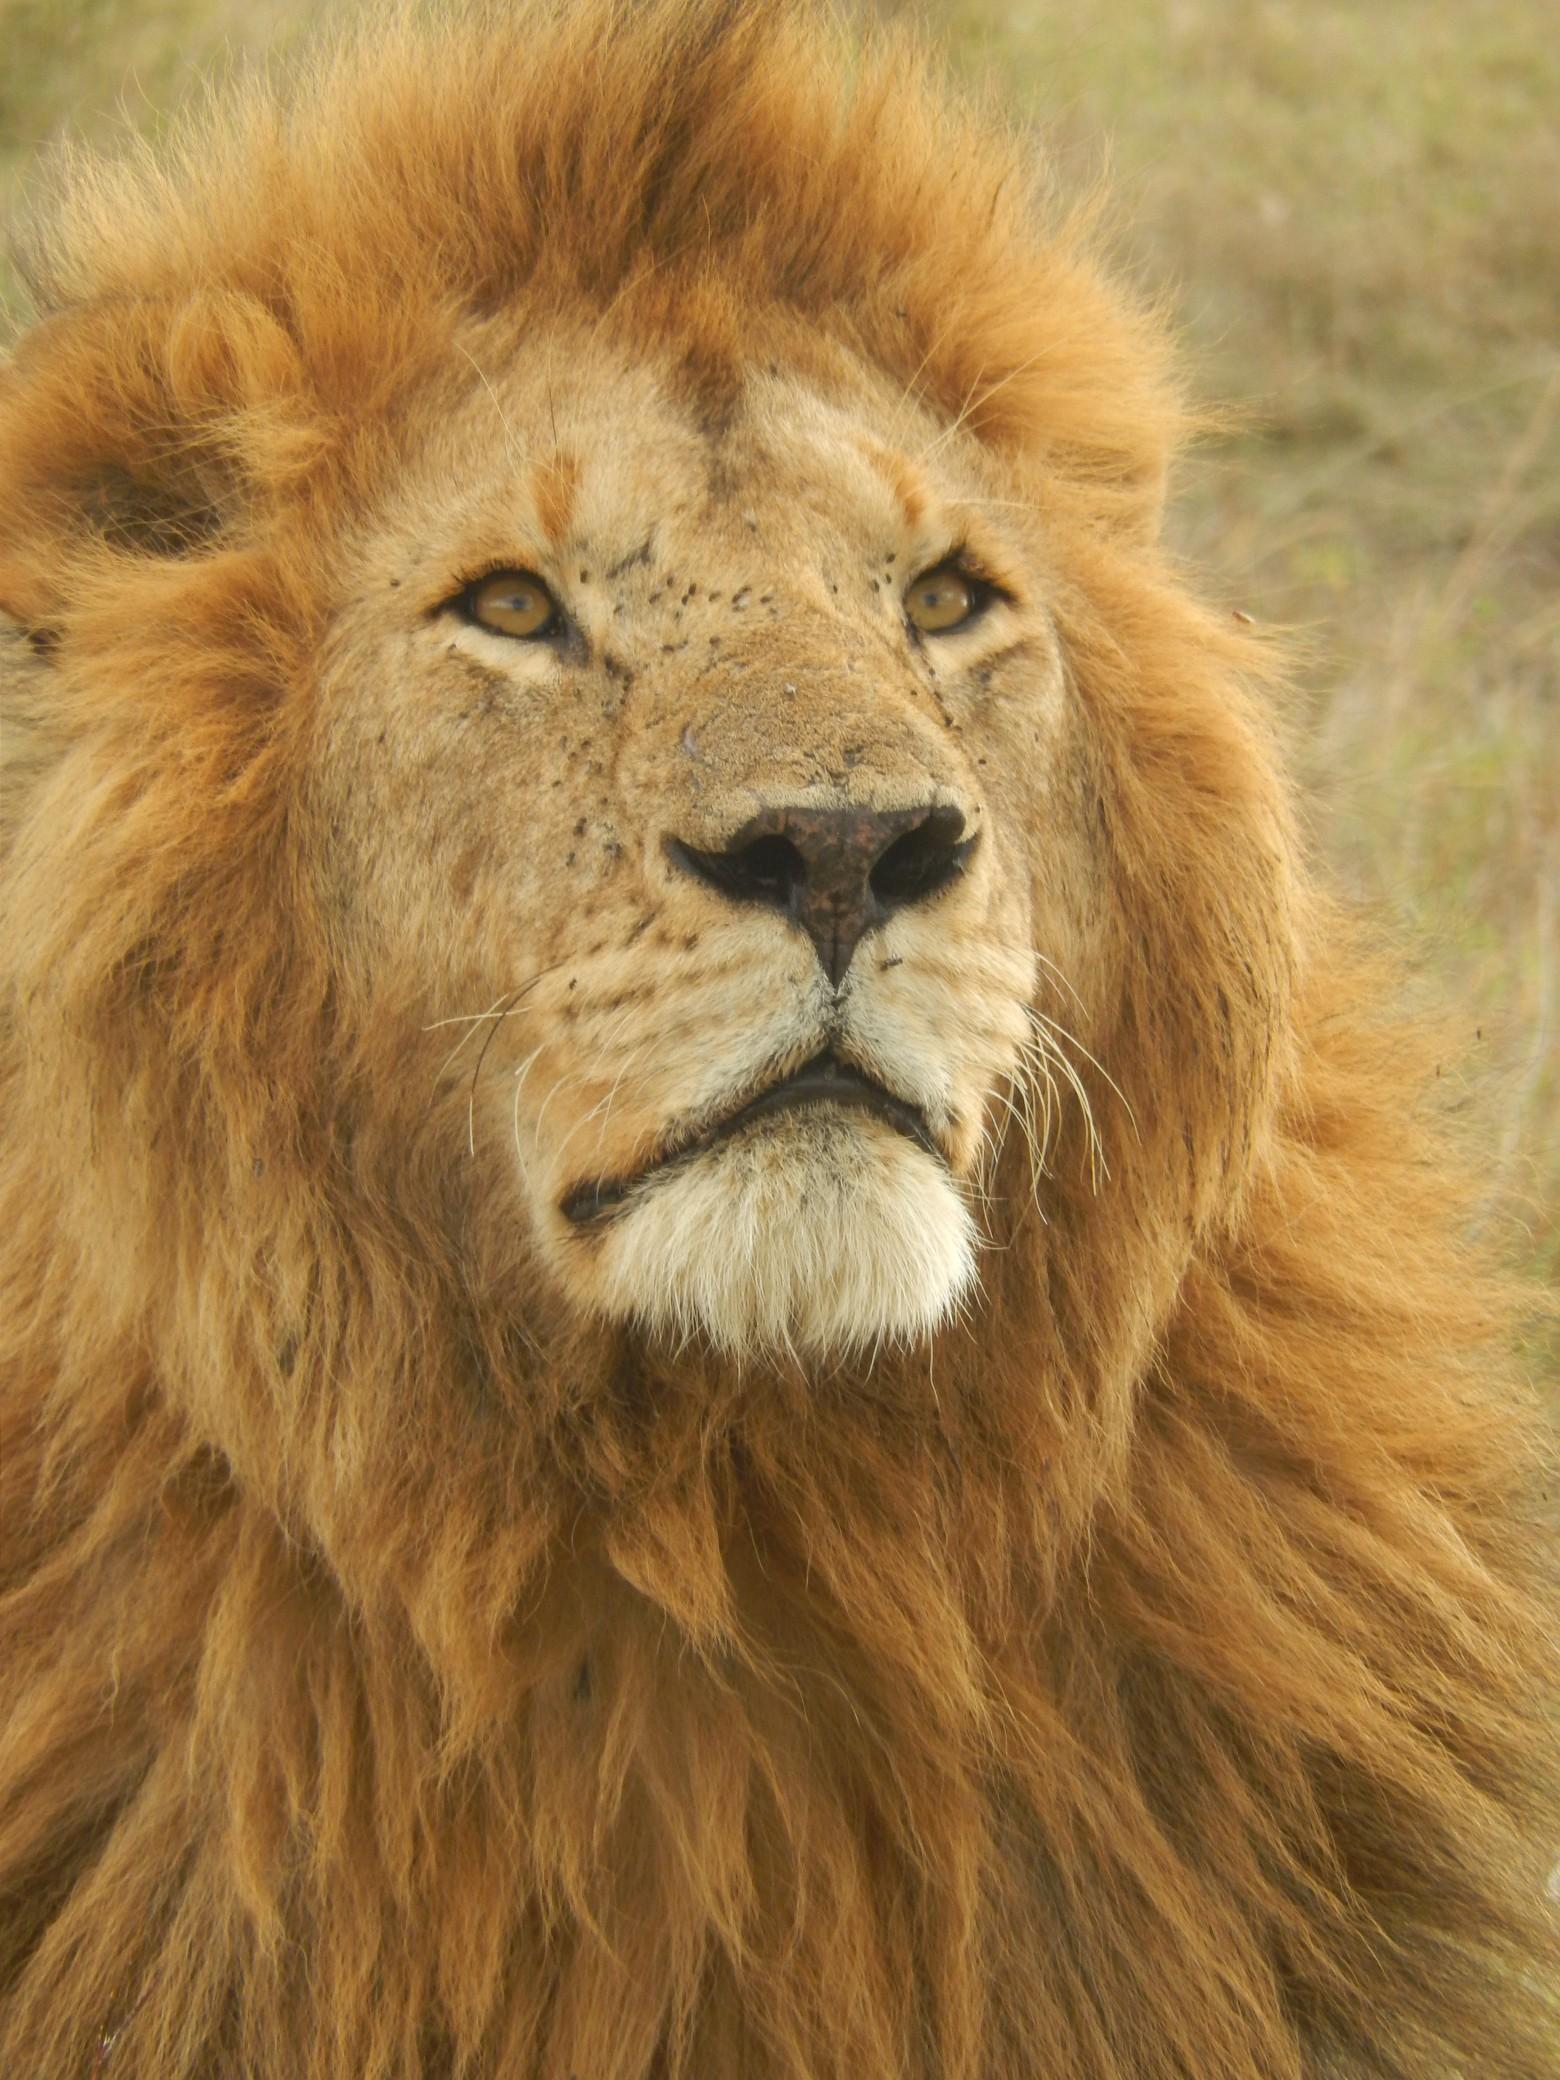 Le lion photo gratuite images gratuites et libres de droits - Photos de lions gratuites ...